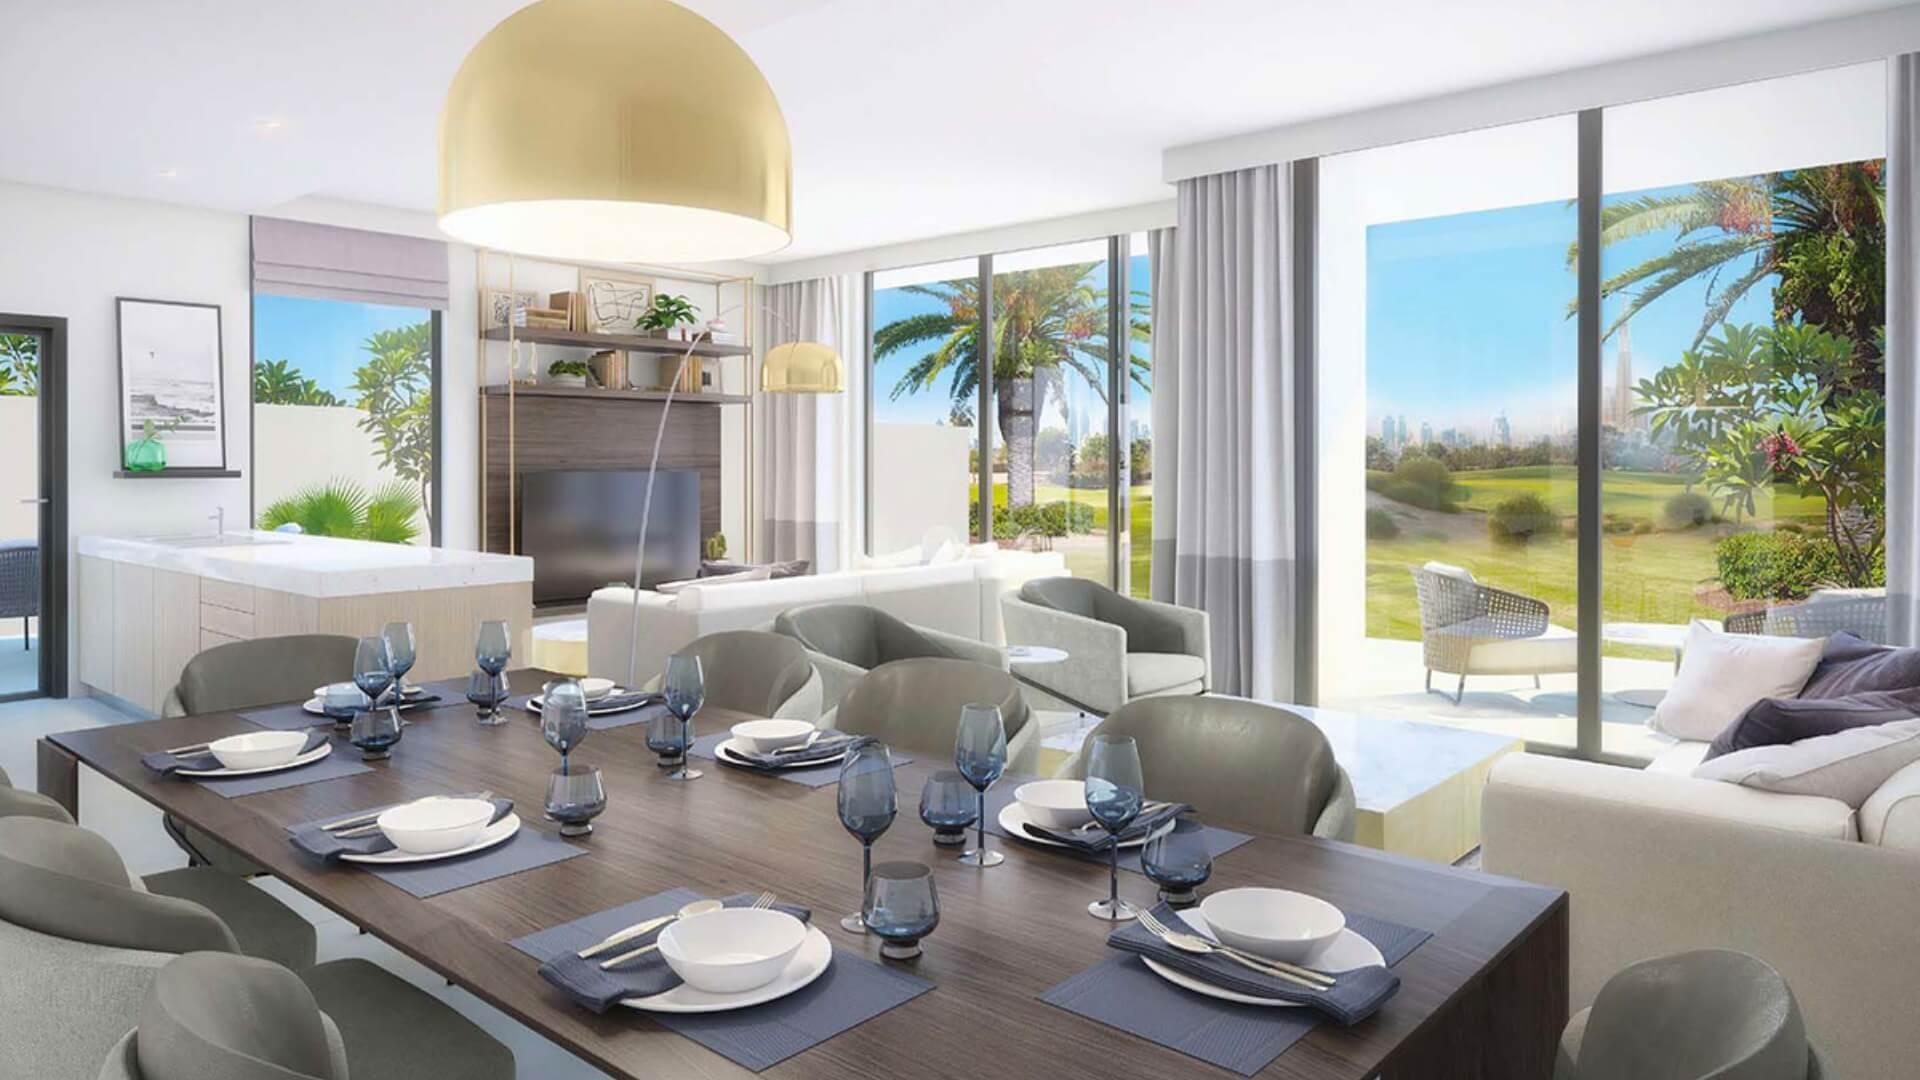 Villa en venta en Dubai, EAU, 3 dormitorios, 272 m2, № 24372 – foto 1